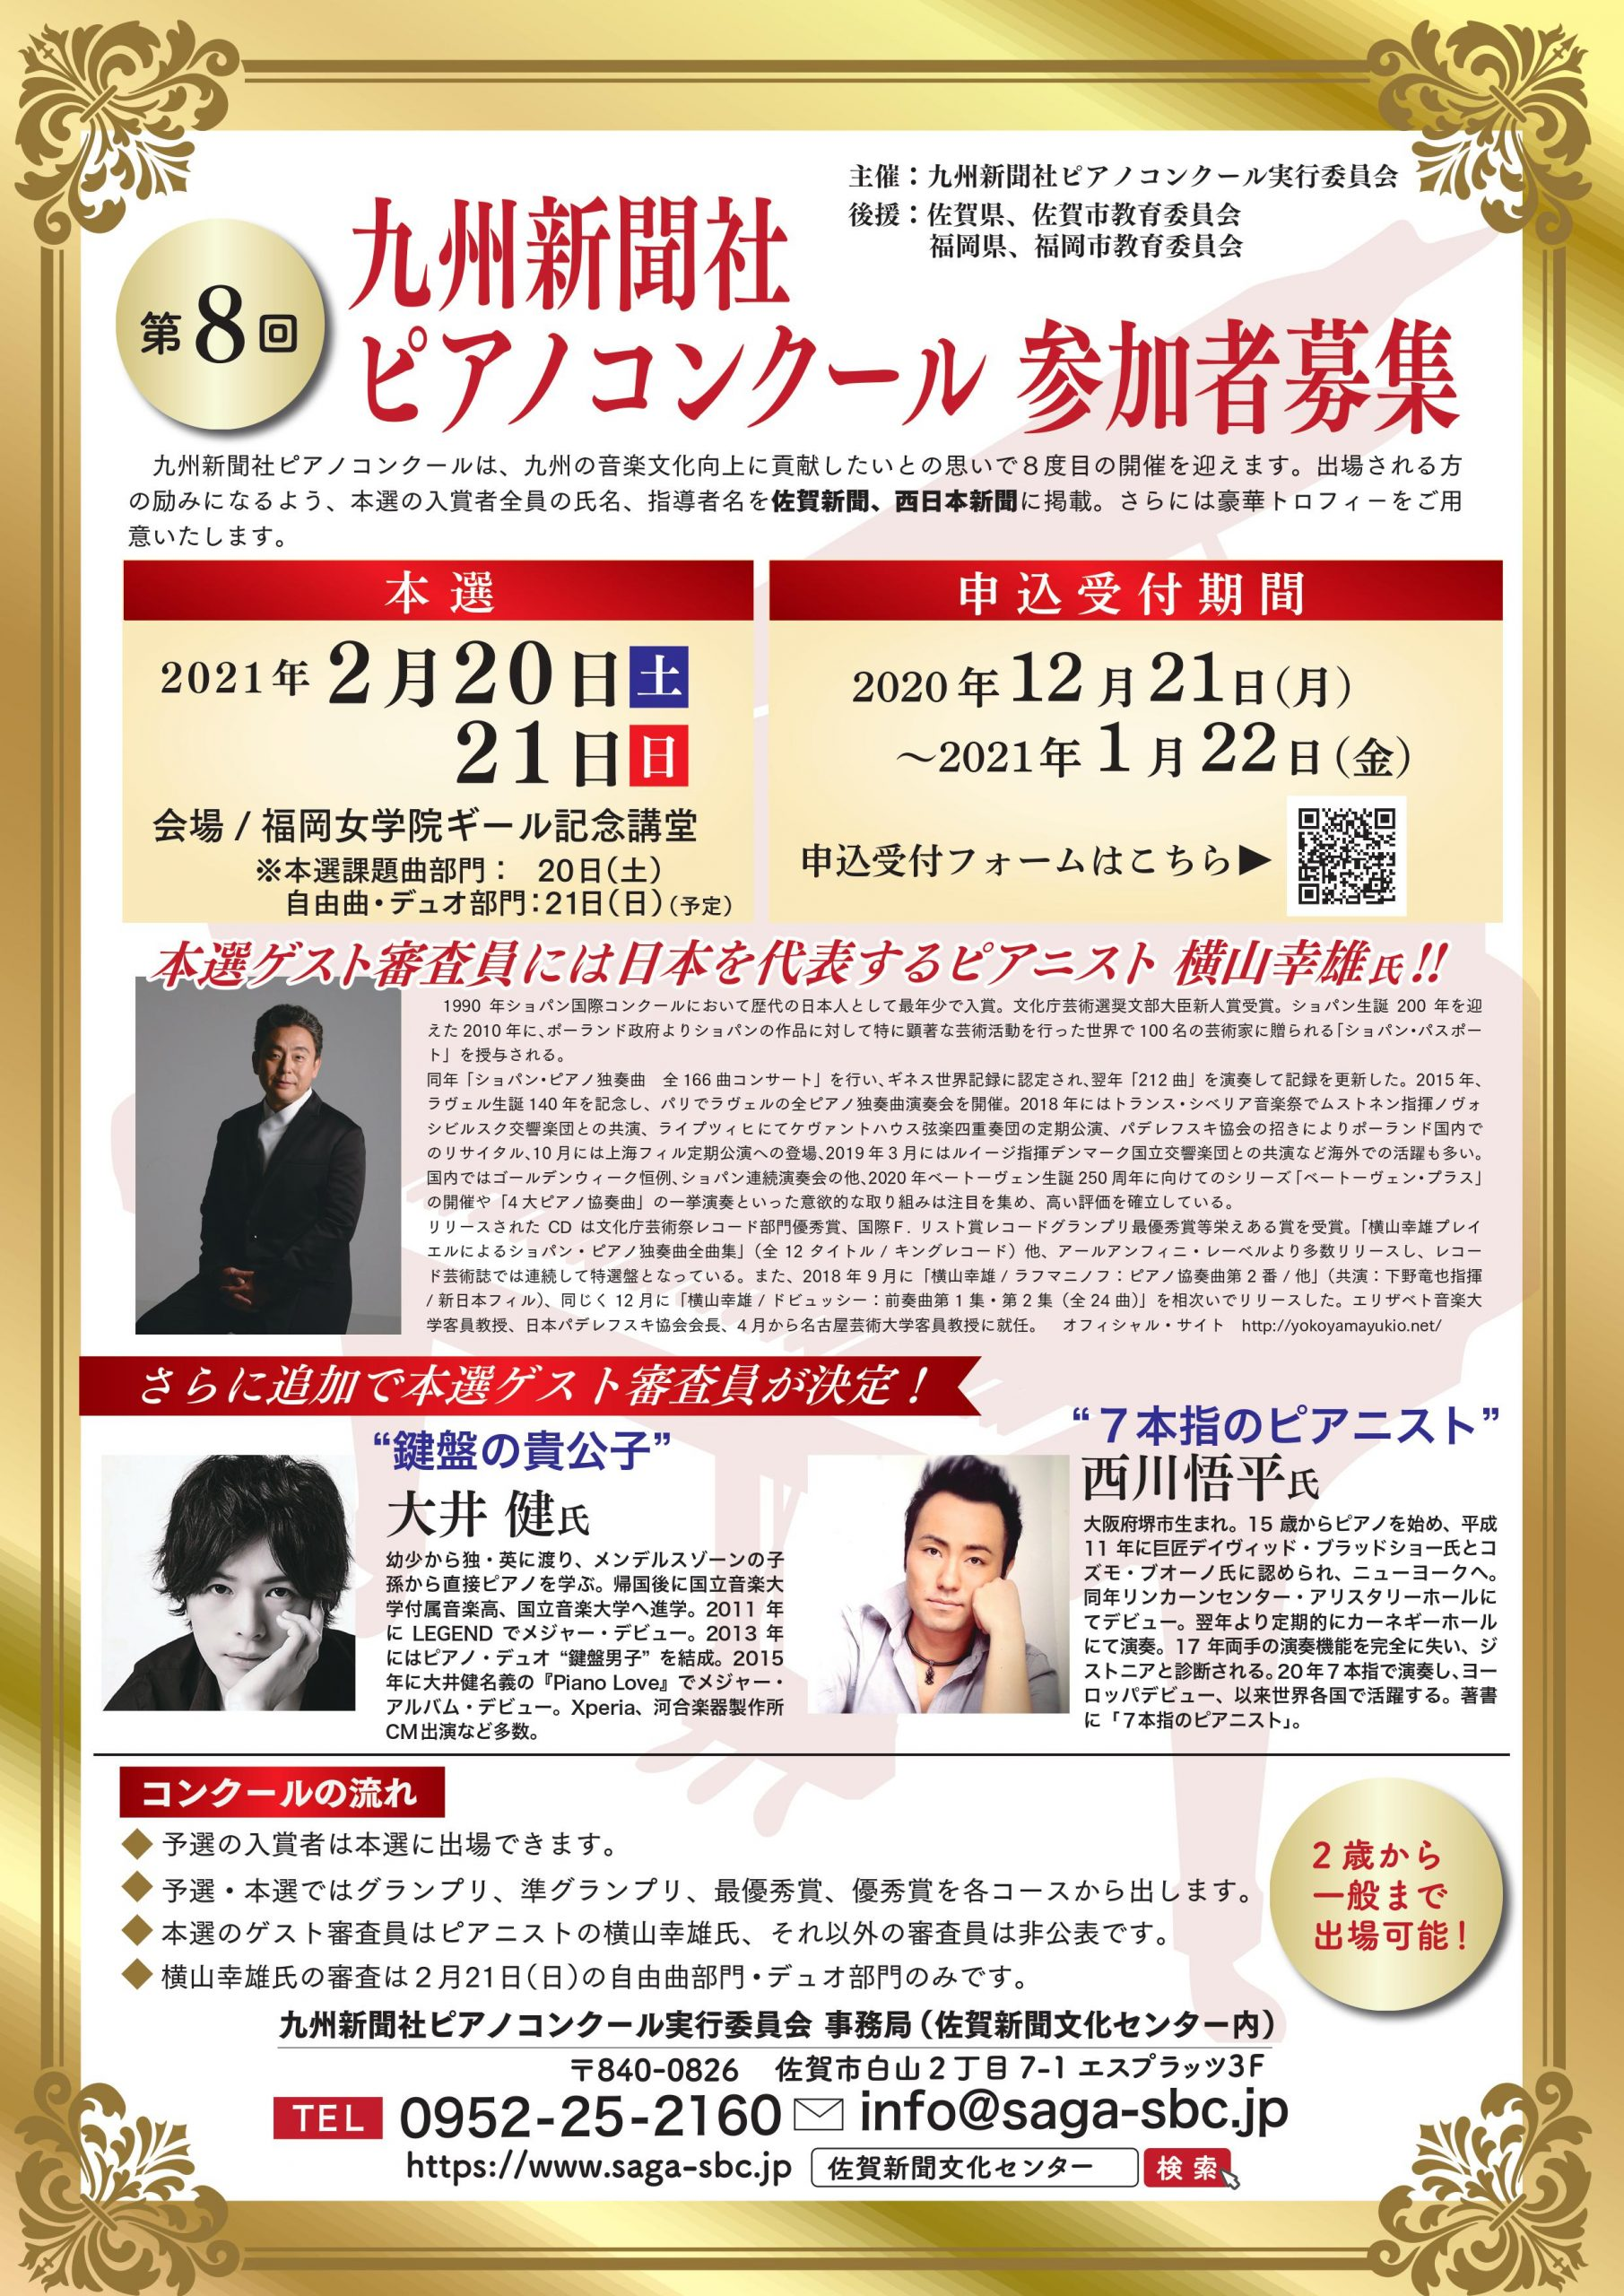 新聞 ニュース コロナ 佐賀